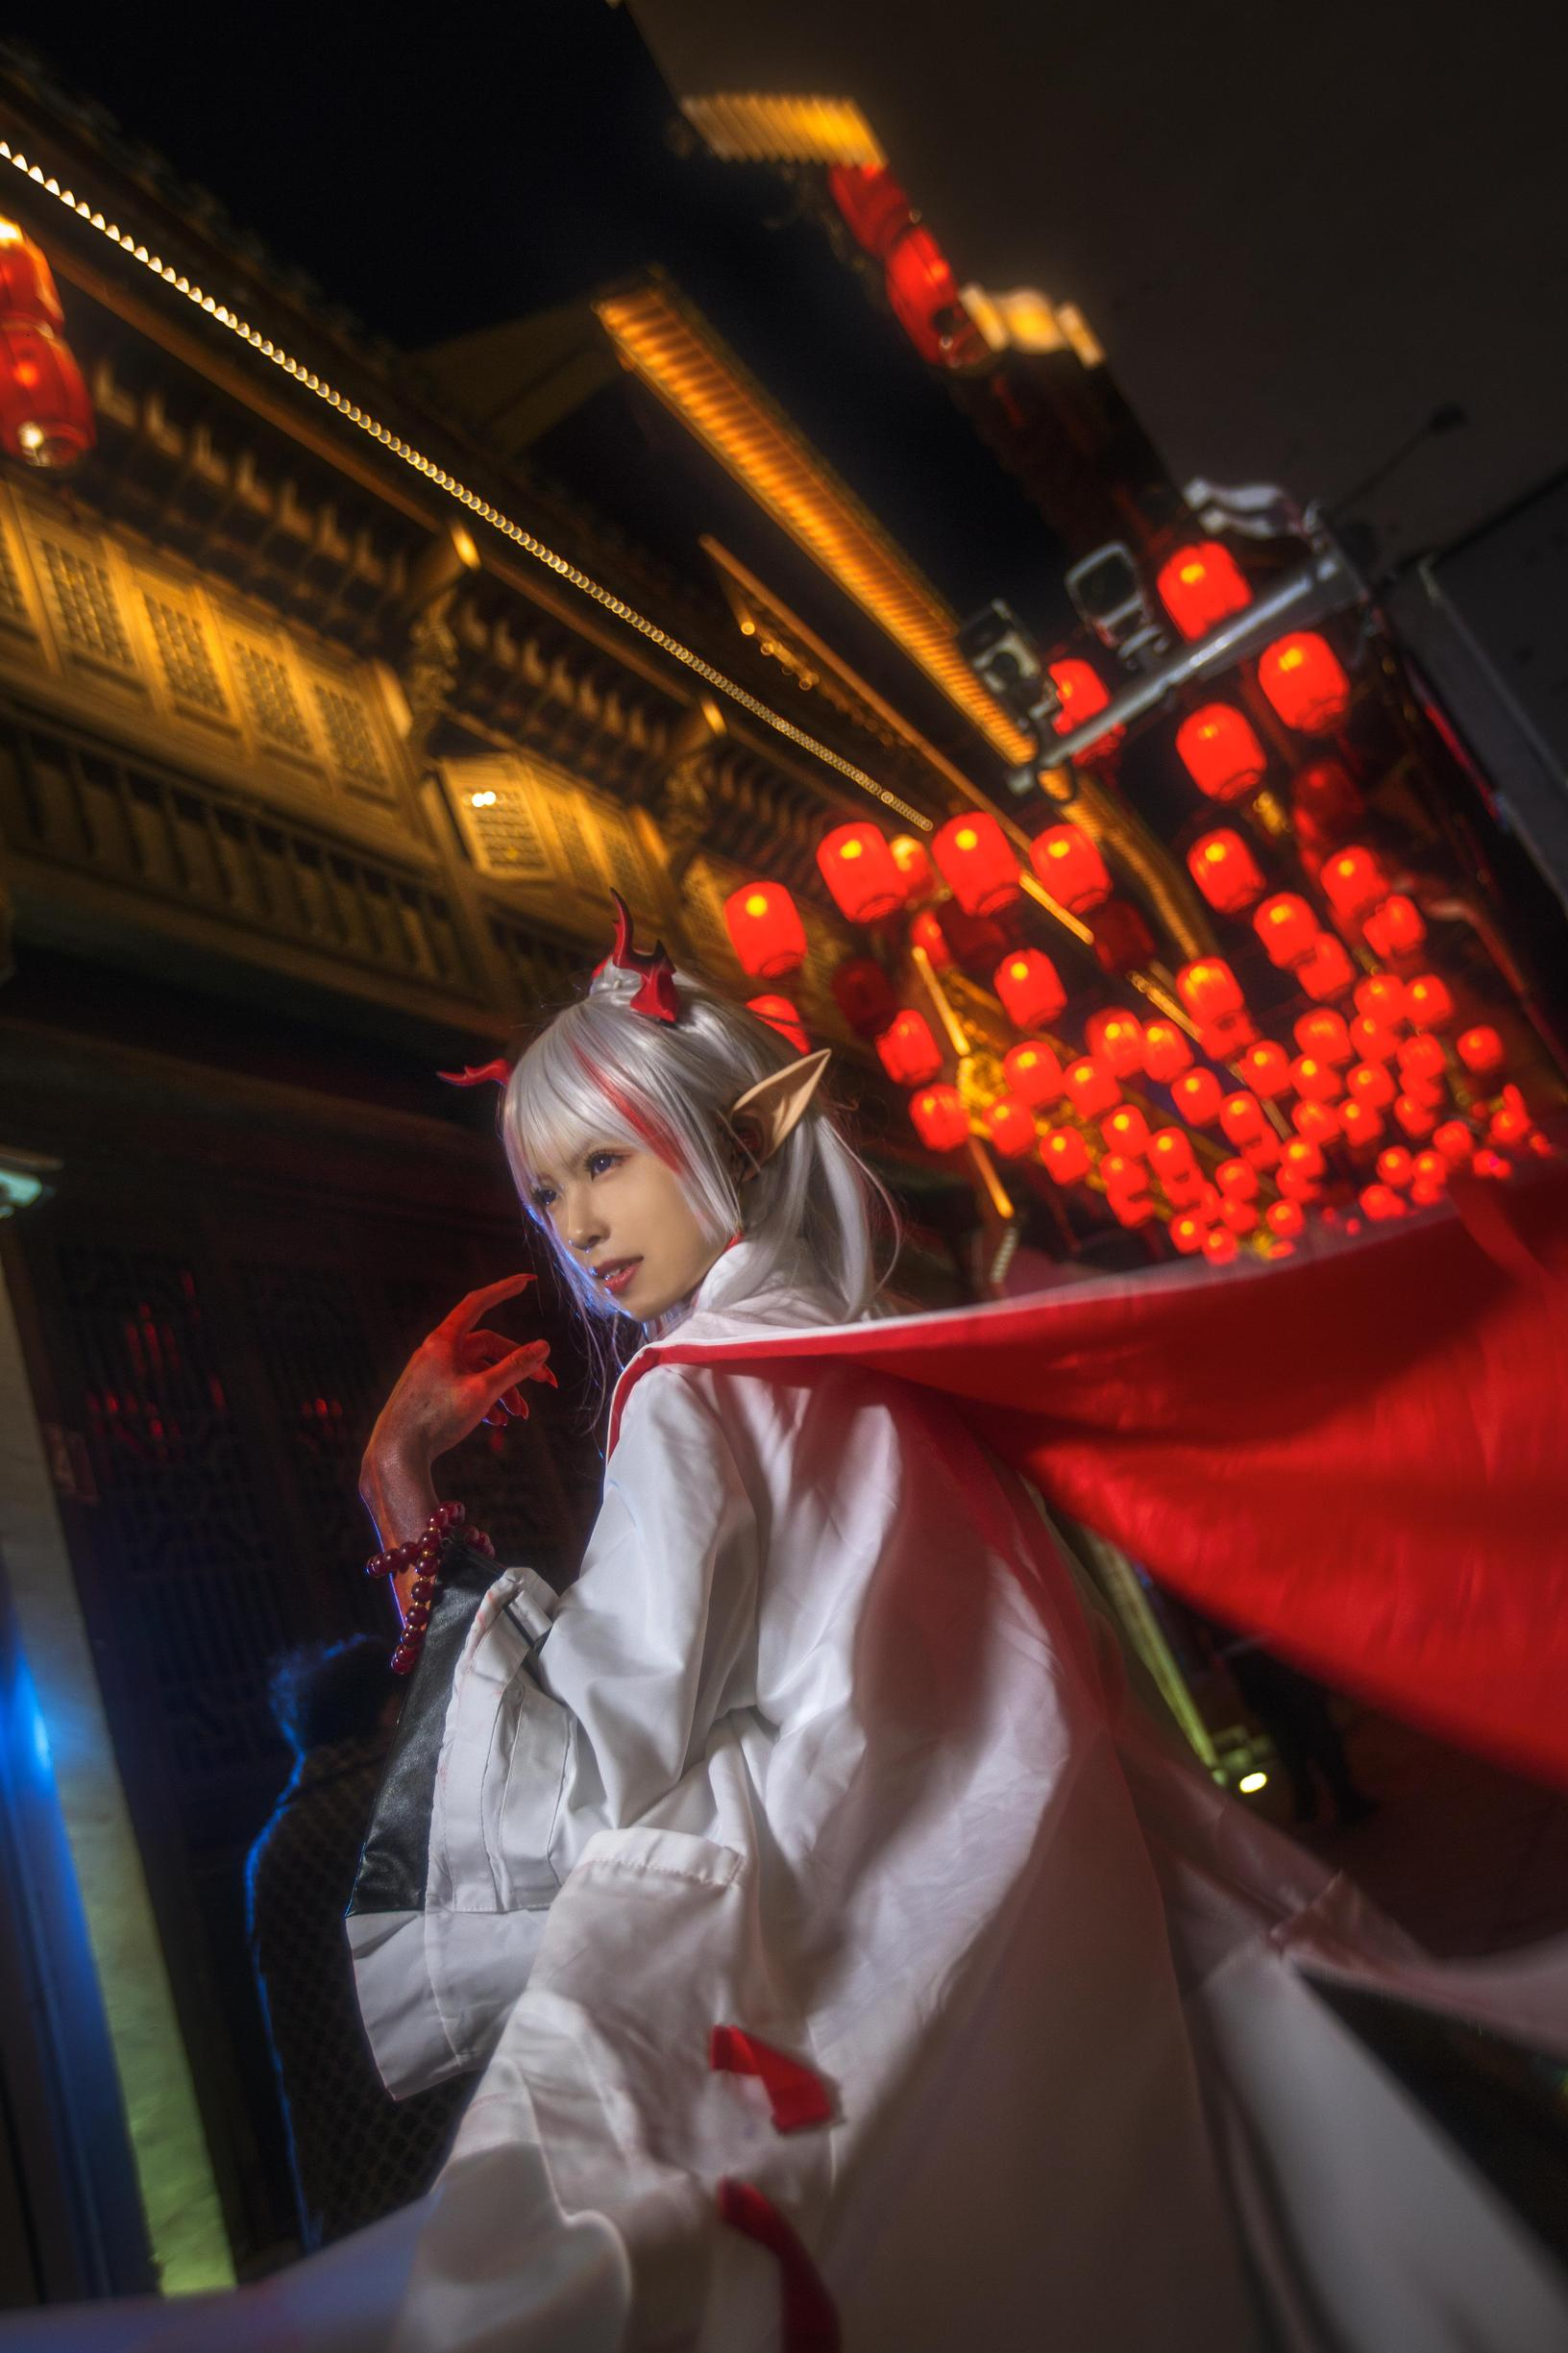 《明日方舟》正片cosplay【CN:天子Ayiig】-第5张